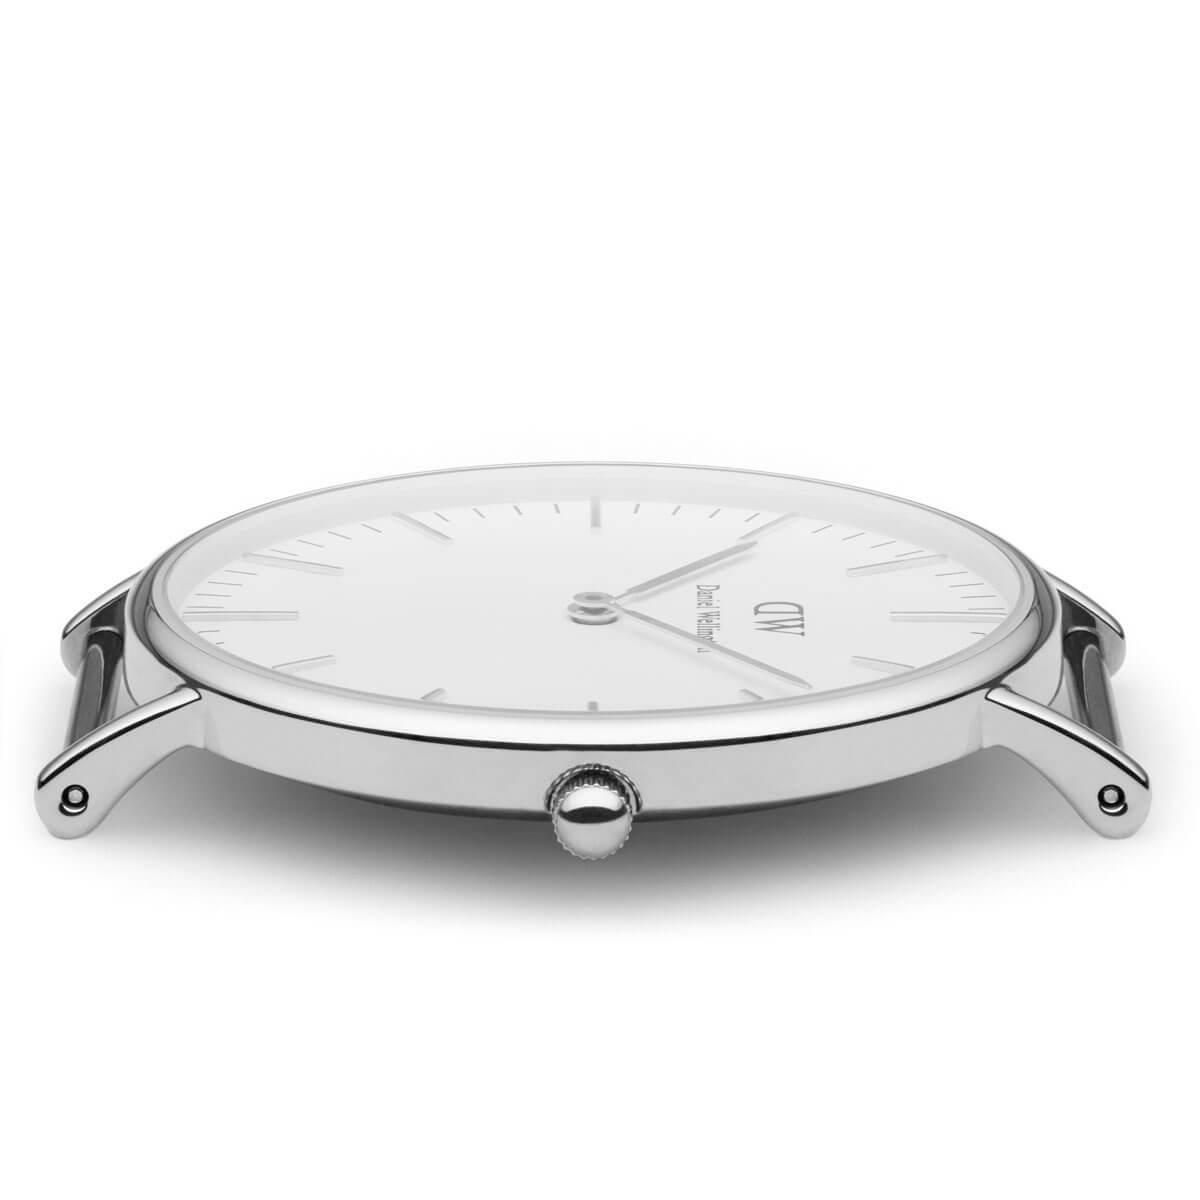 ダニエルウェリントン 36mm Daniel Wellington オックスフォード シルバー メンズ レディース 腕時計